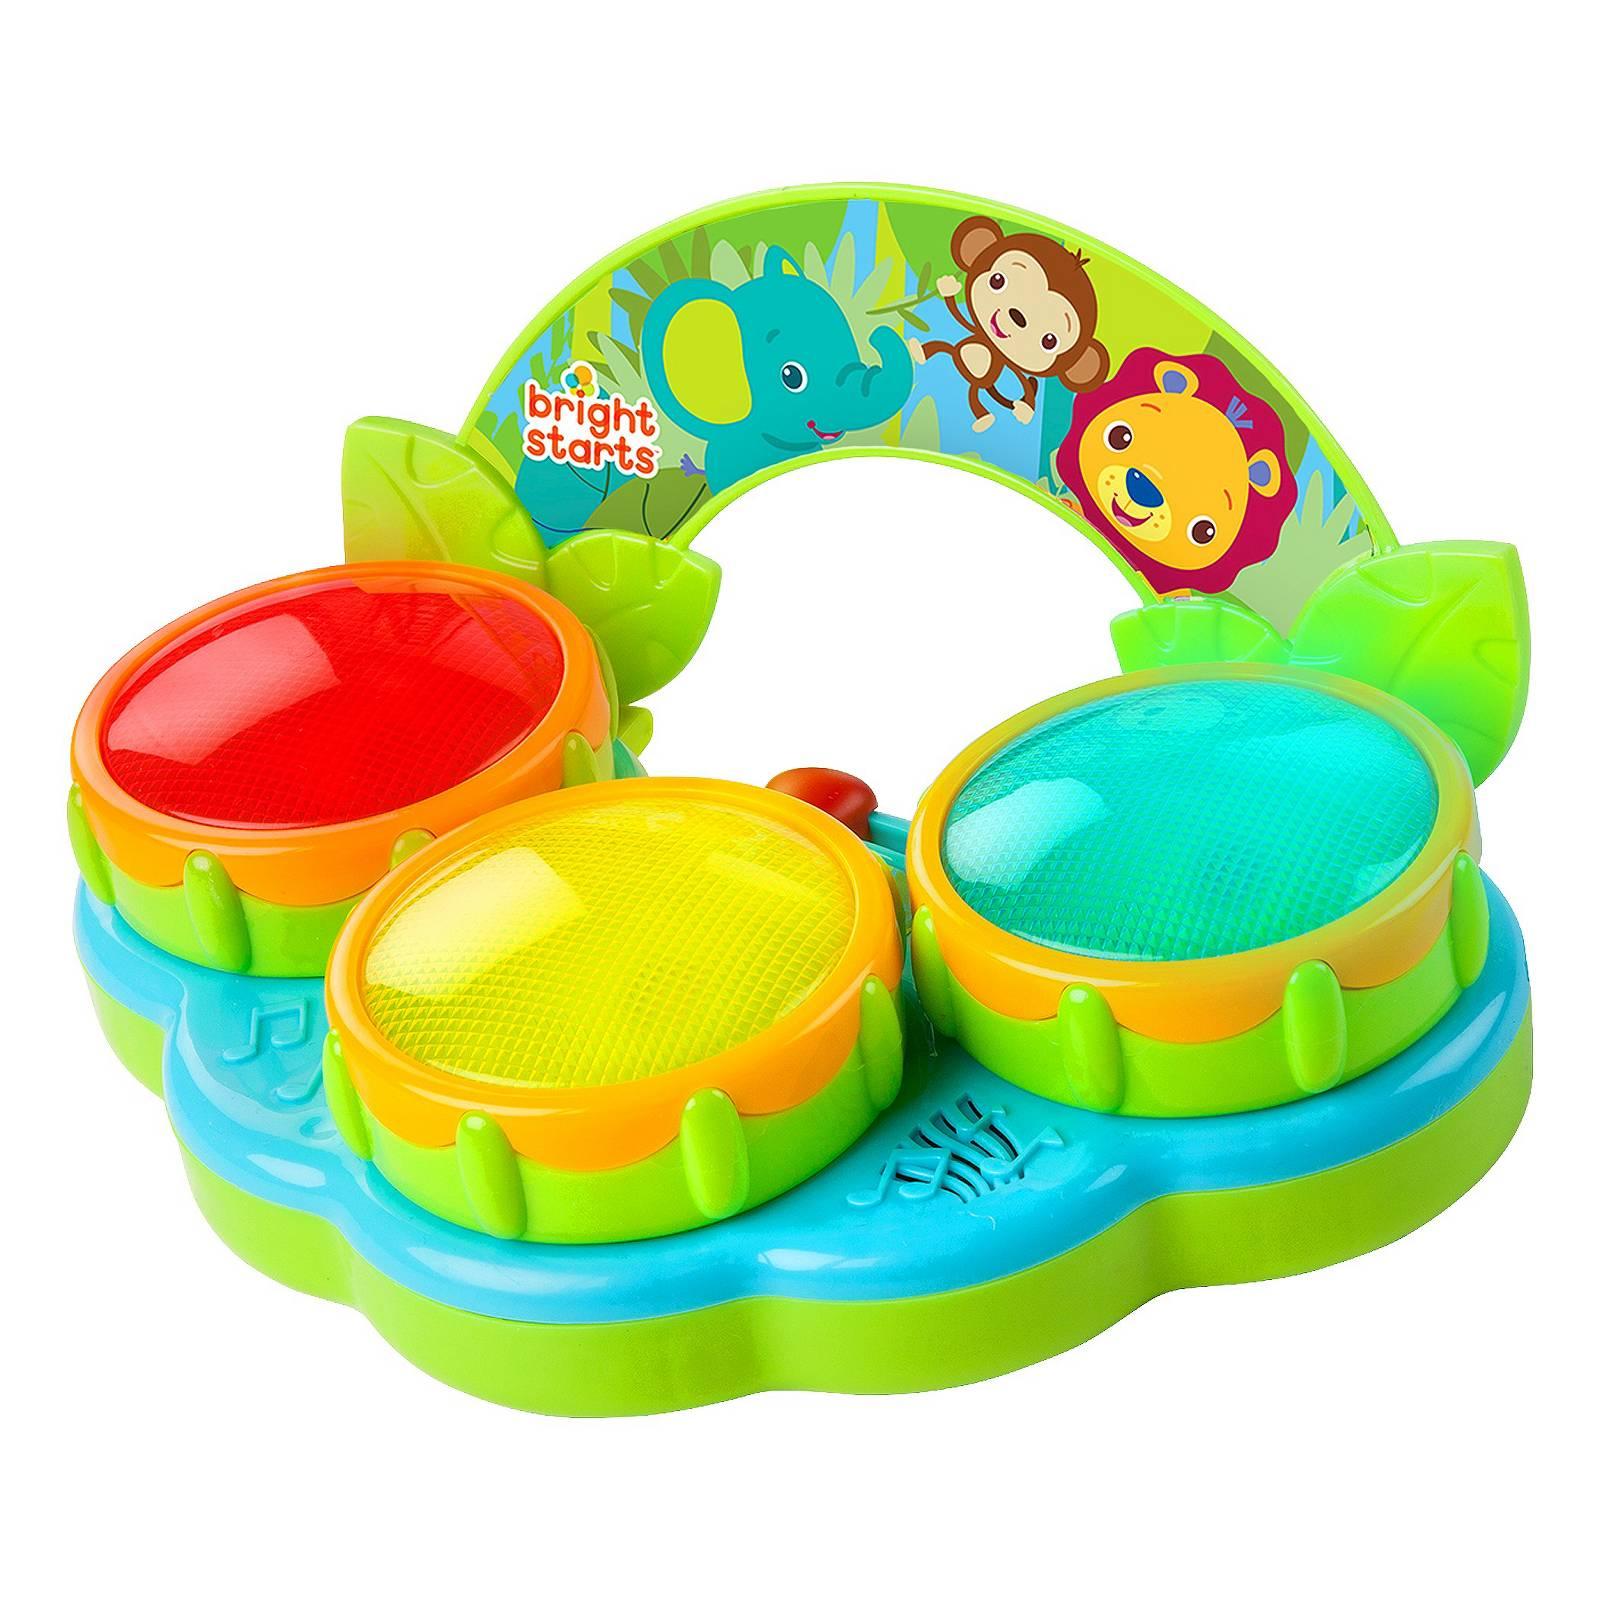 Музыкальная игрушка - Барабаны СафариДетские развивающие игрушки<br>Музыкальная игрушка - Барабаны Сафари<br>